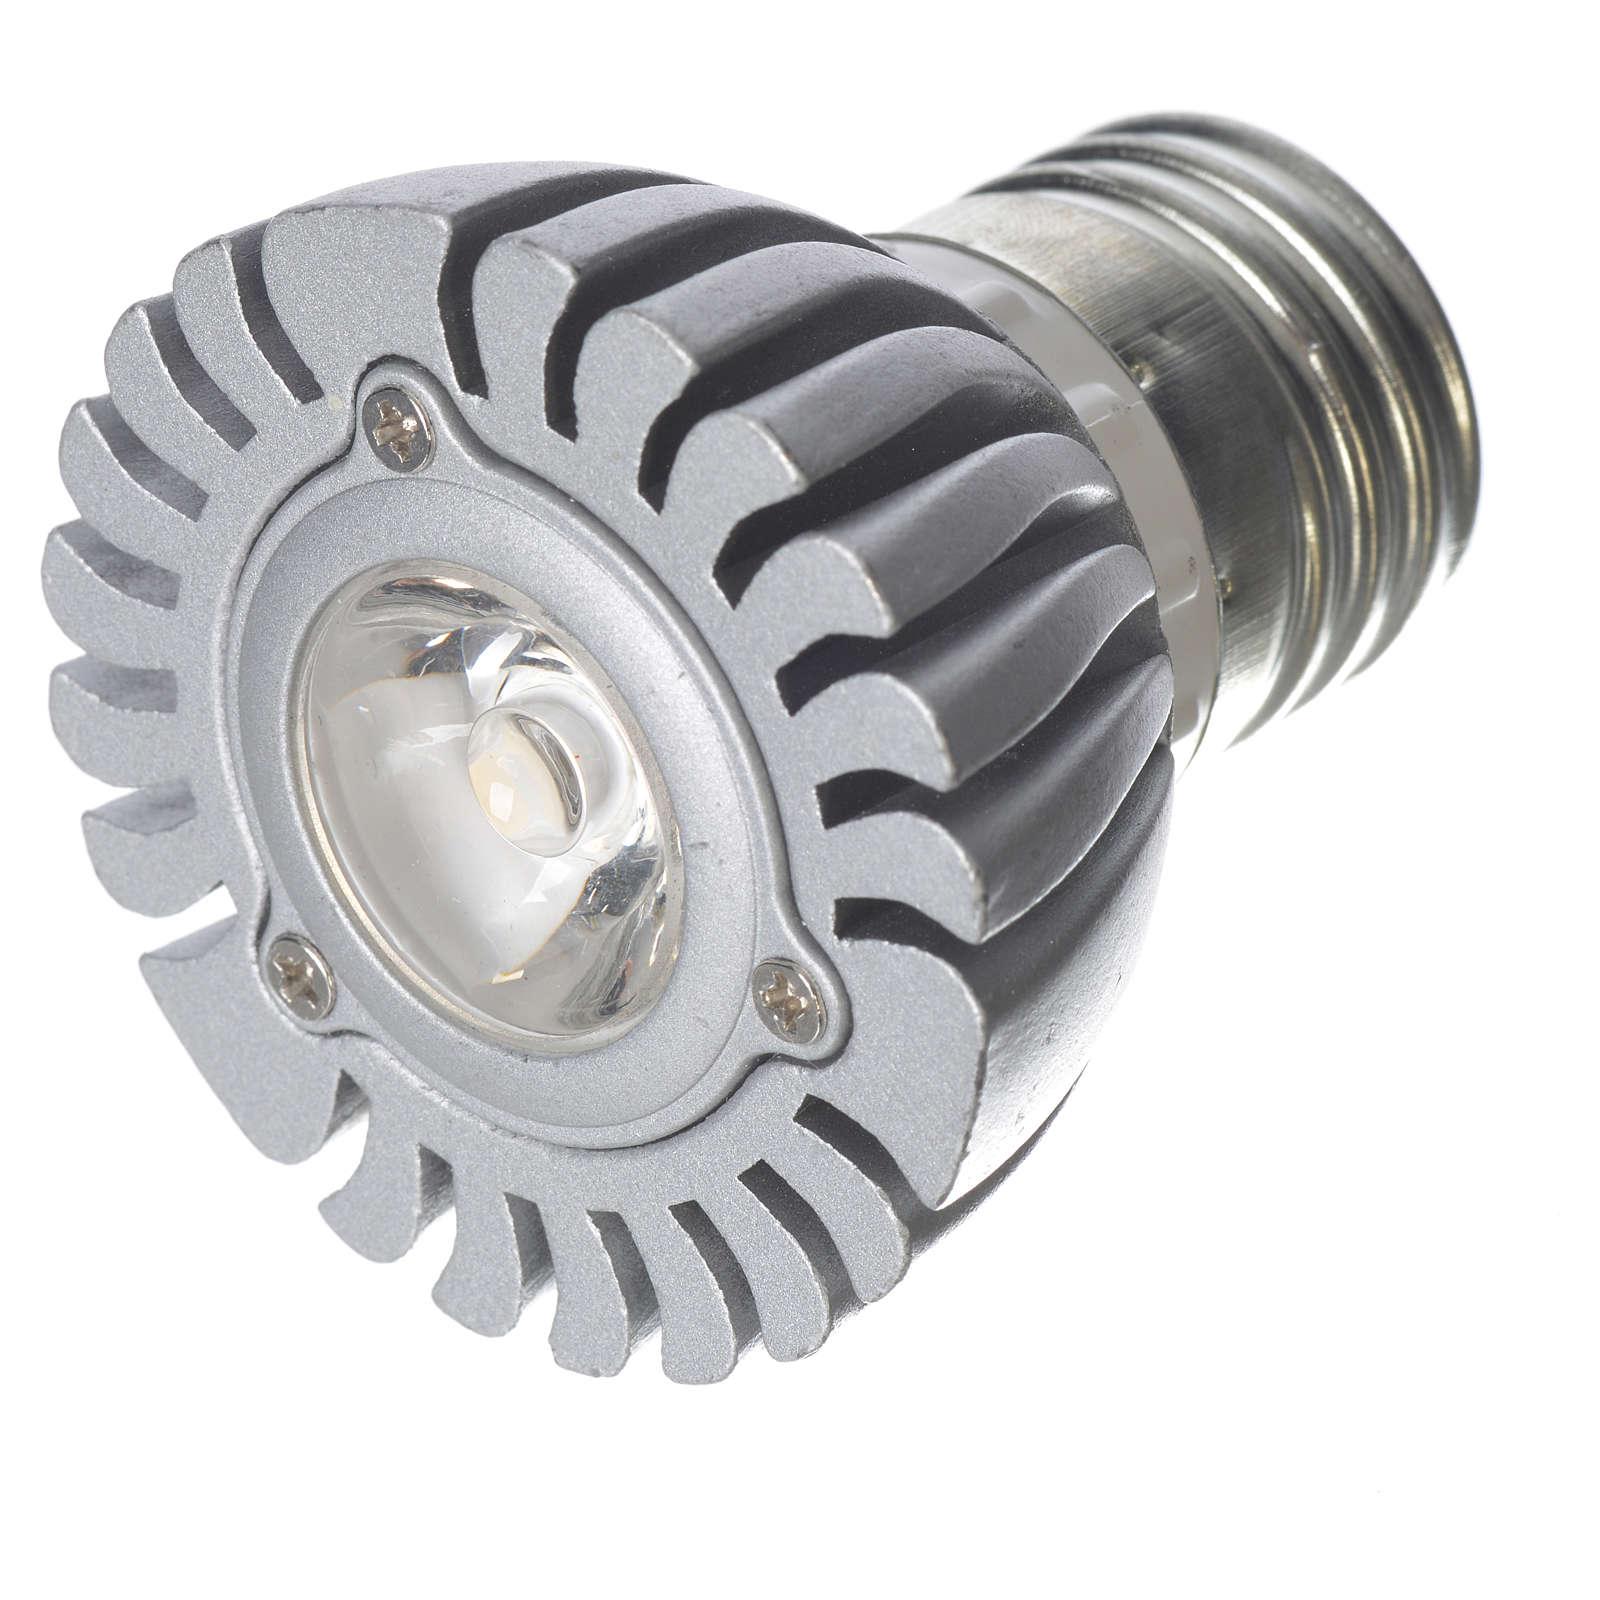 LED spot light 10 degrees 1W, warm light for nativities 4